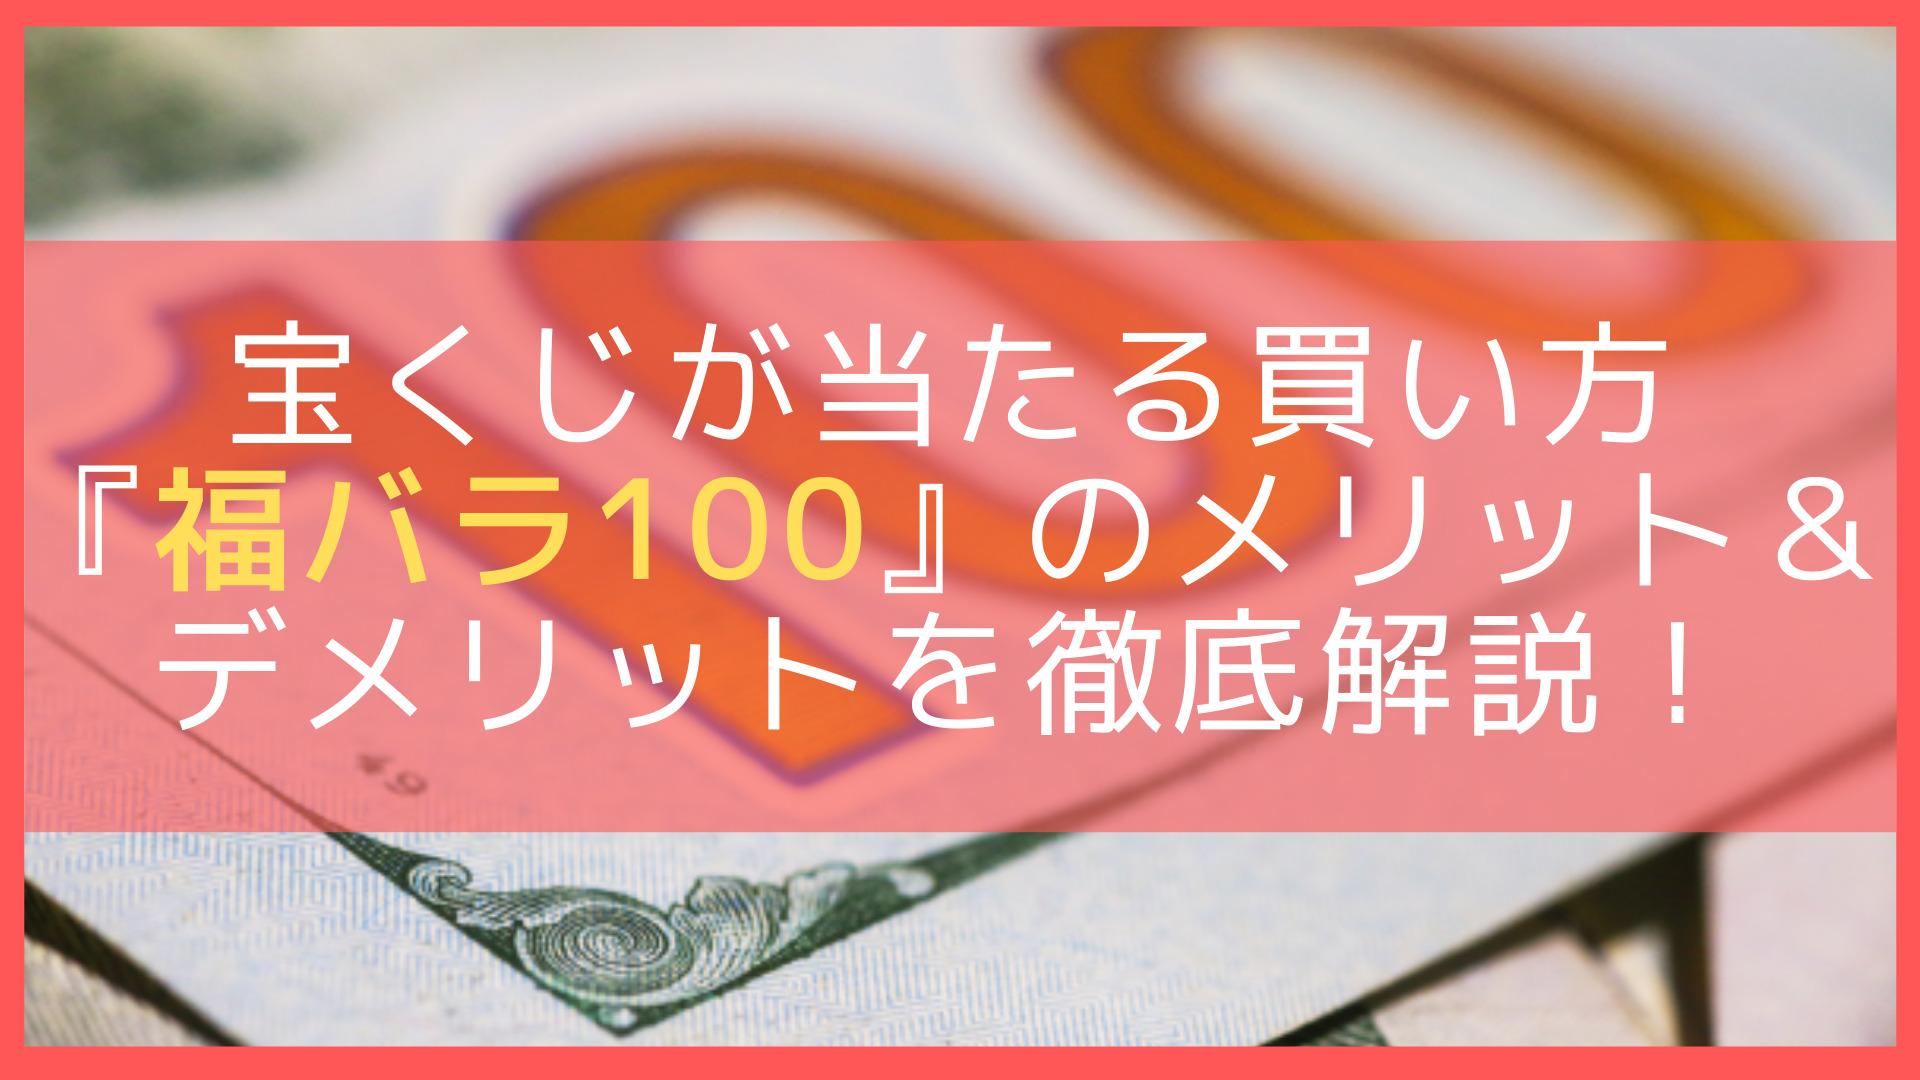 宝くじが当たる買い方「福バラ100」の参考画像